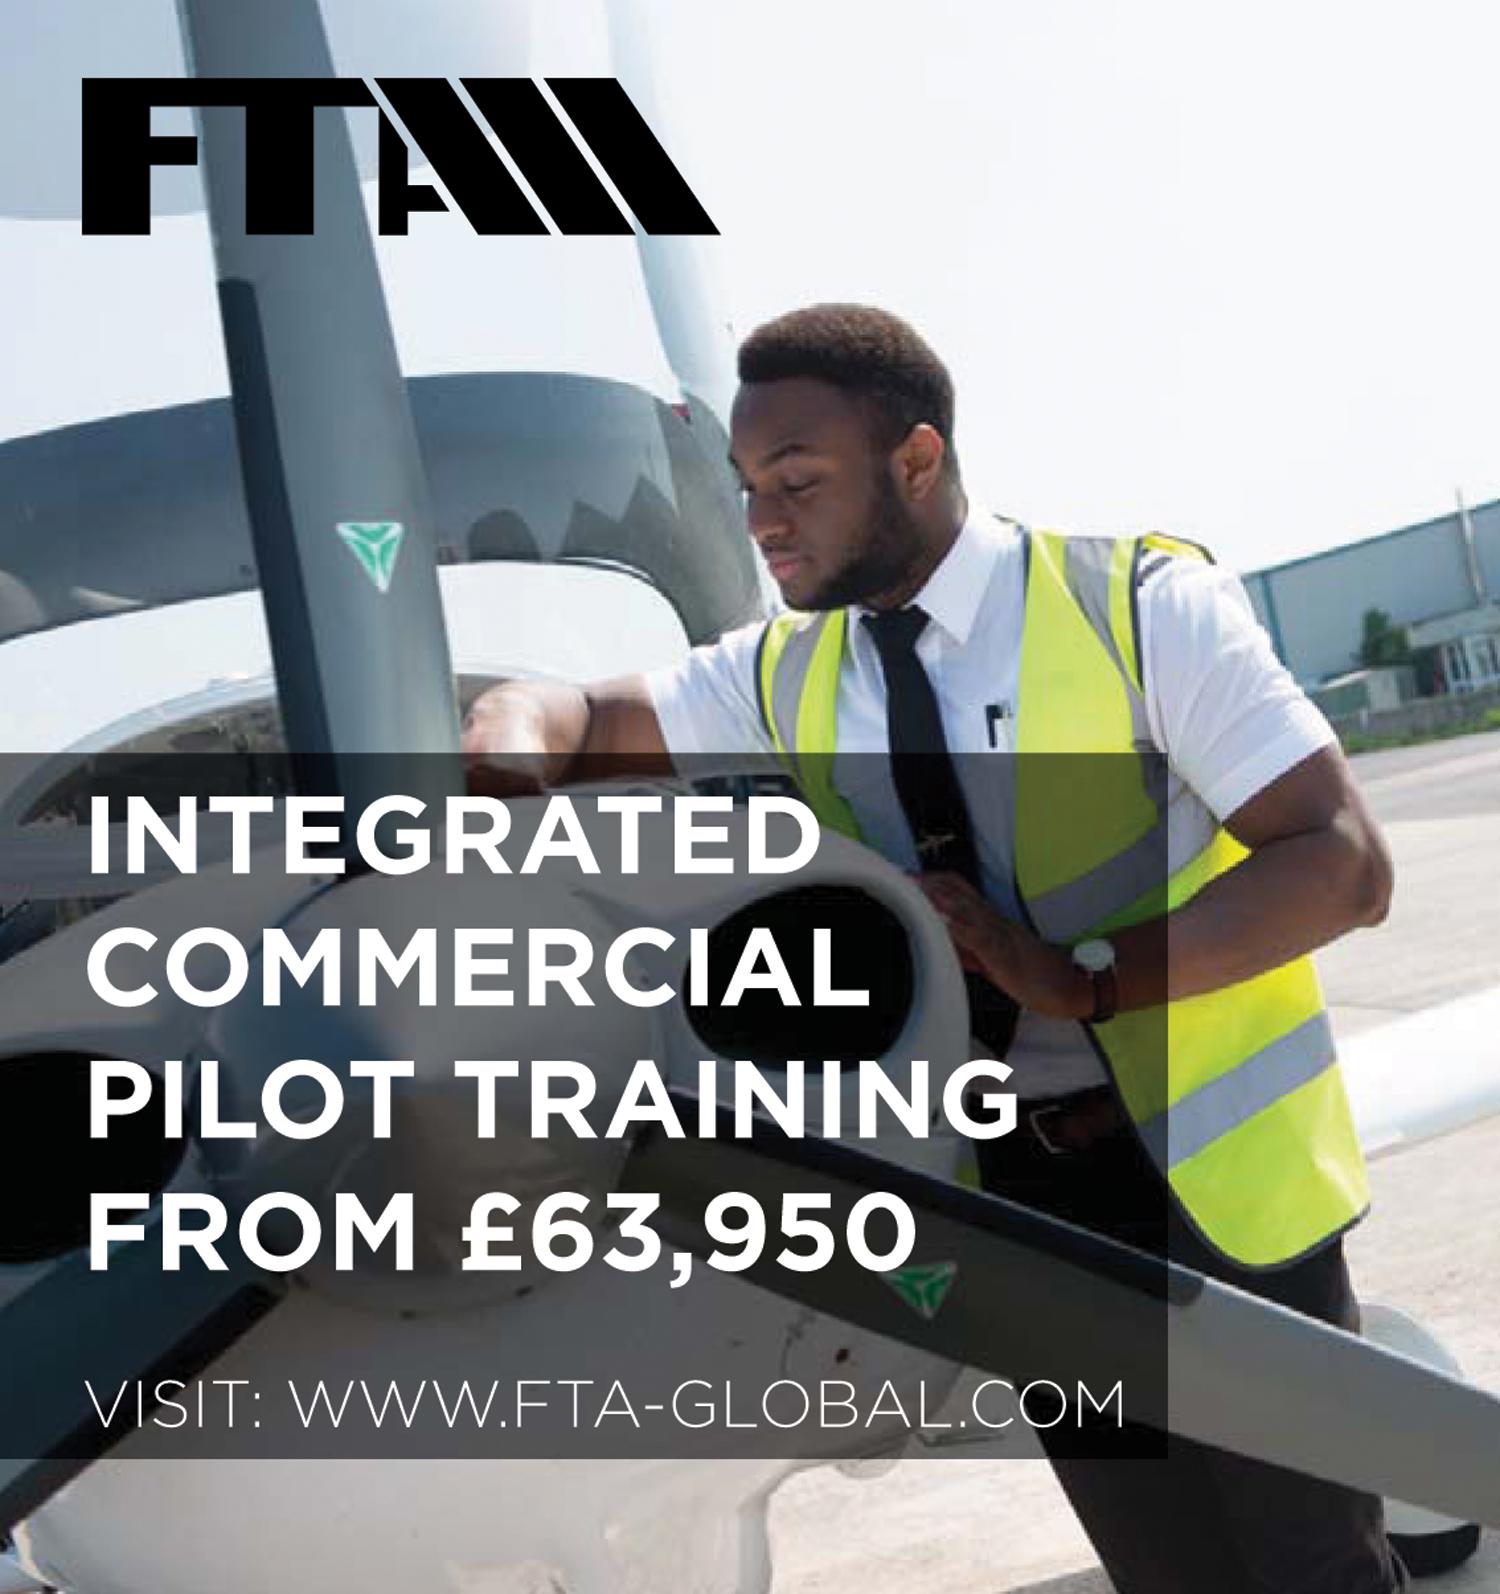 FTA Global